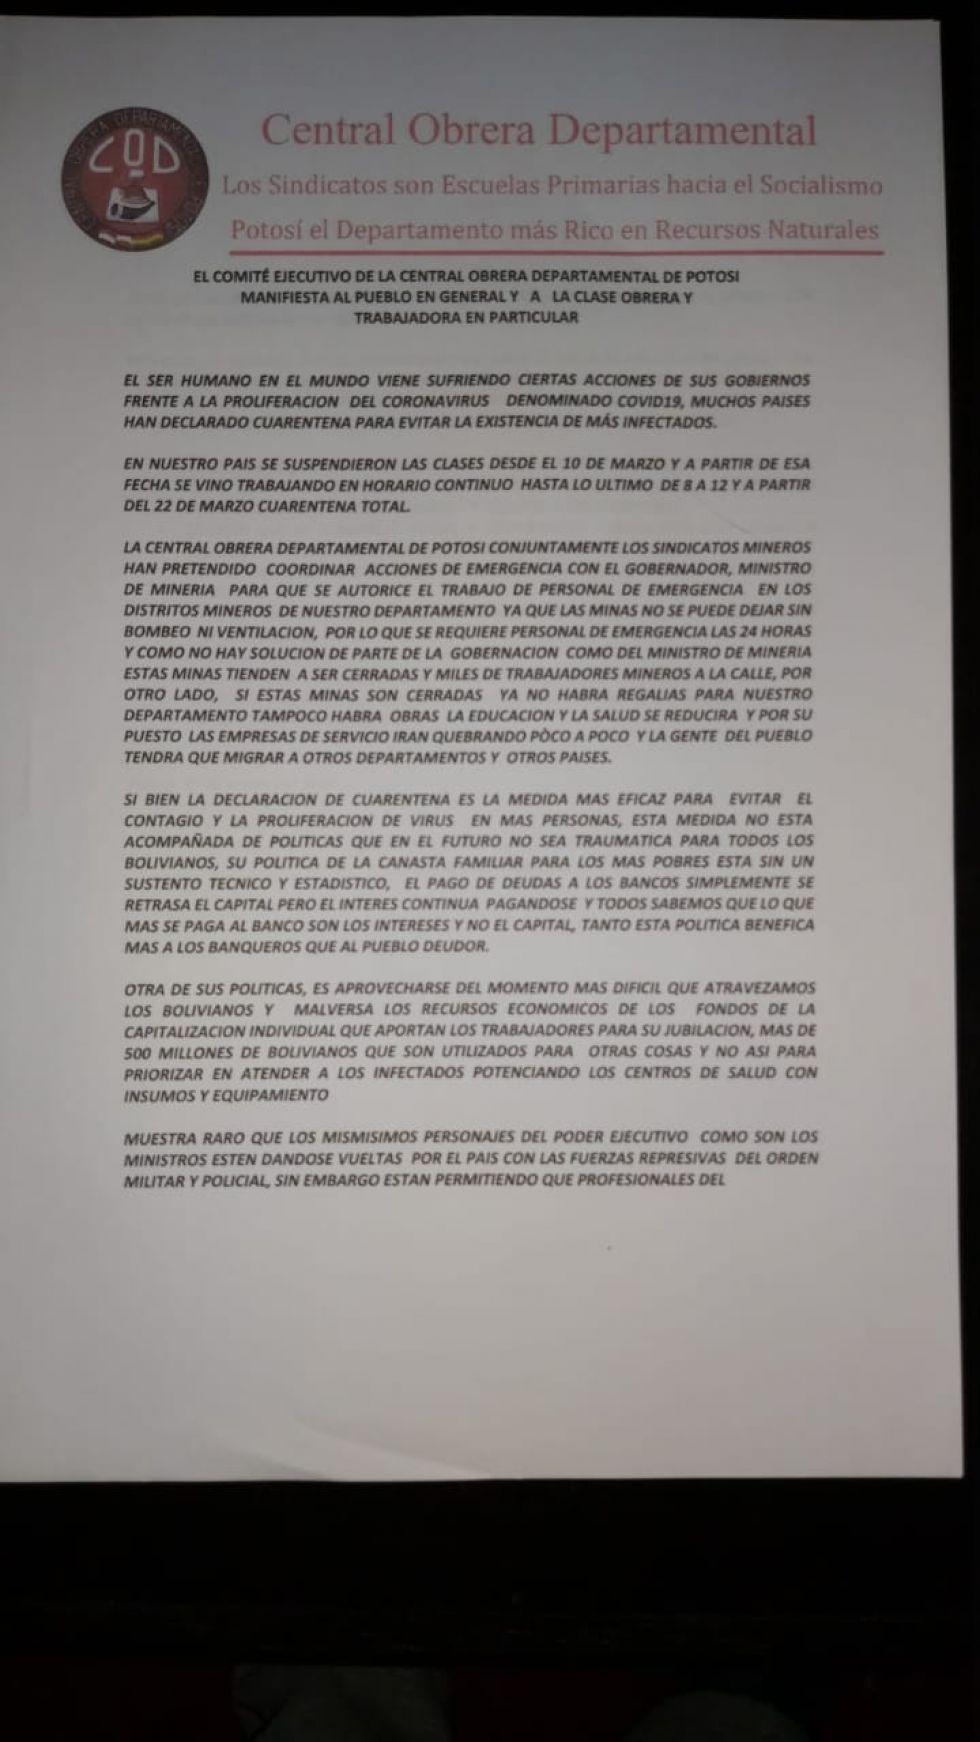 COD exige autorización para trabajos de emergencia